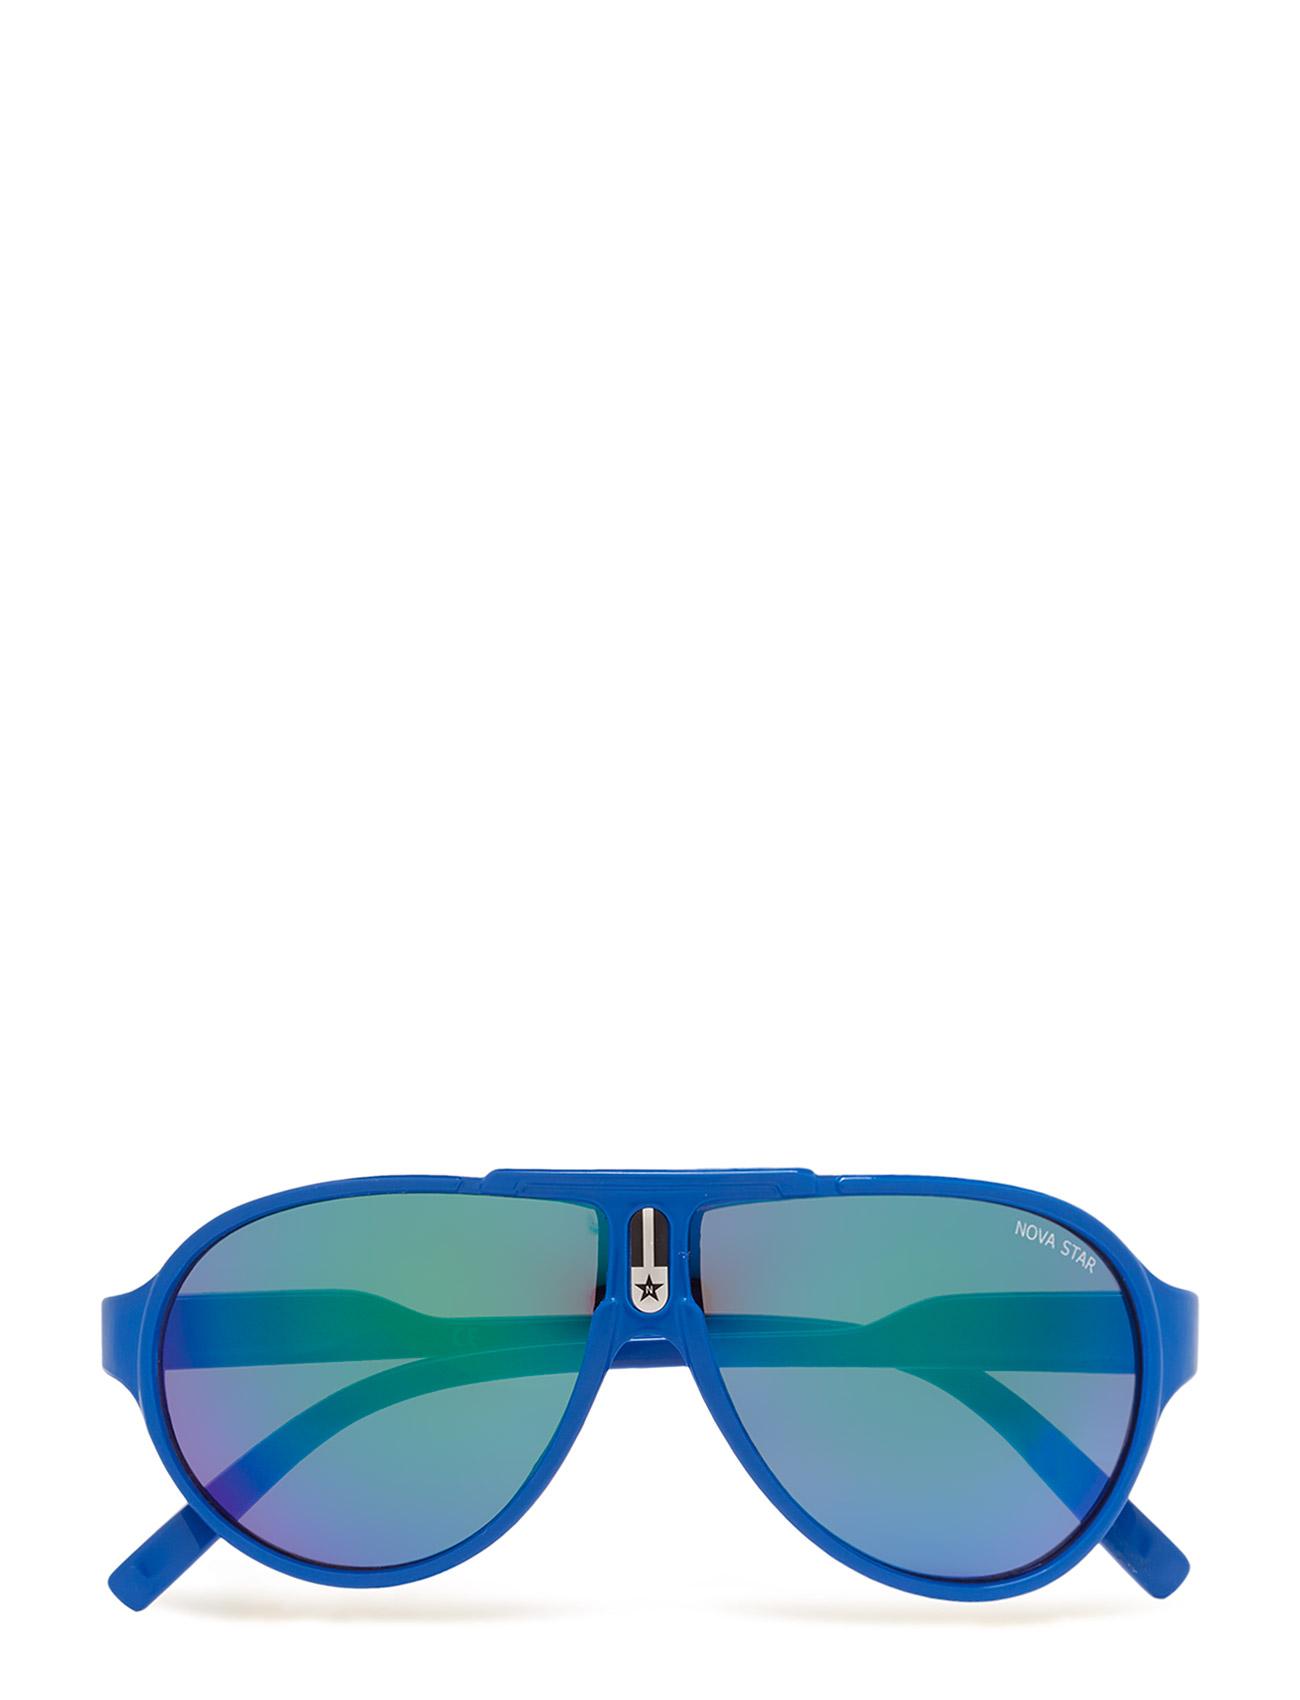 Copilver Revounglasses NOVA STAR Solbriller til Børn i Blå